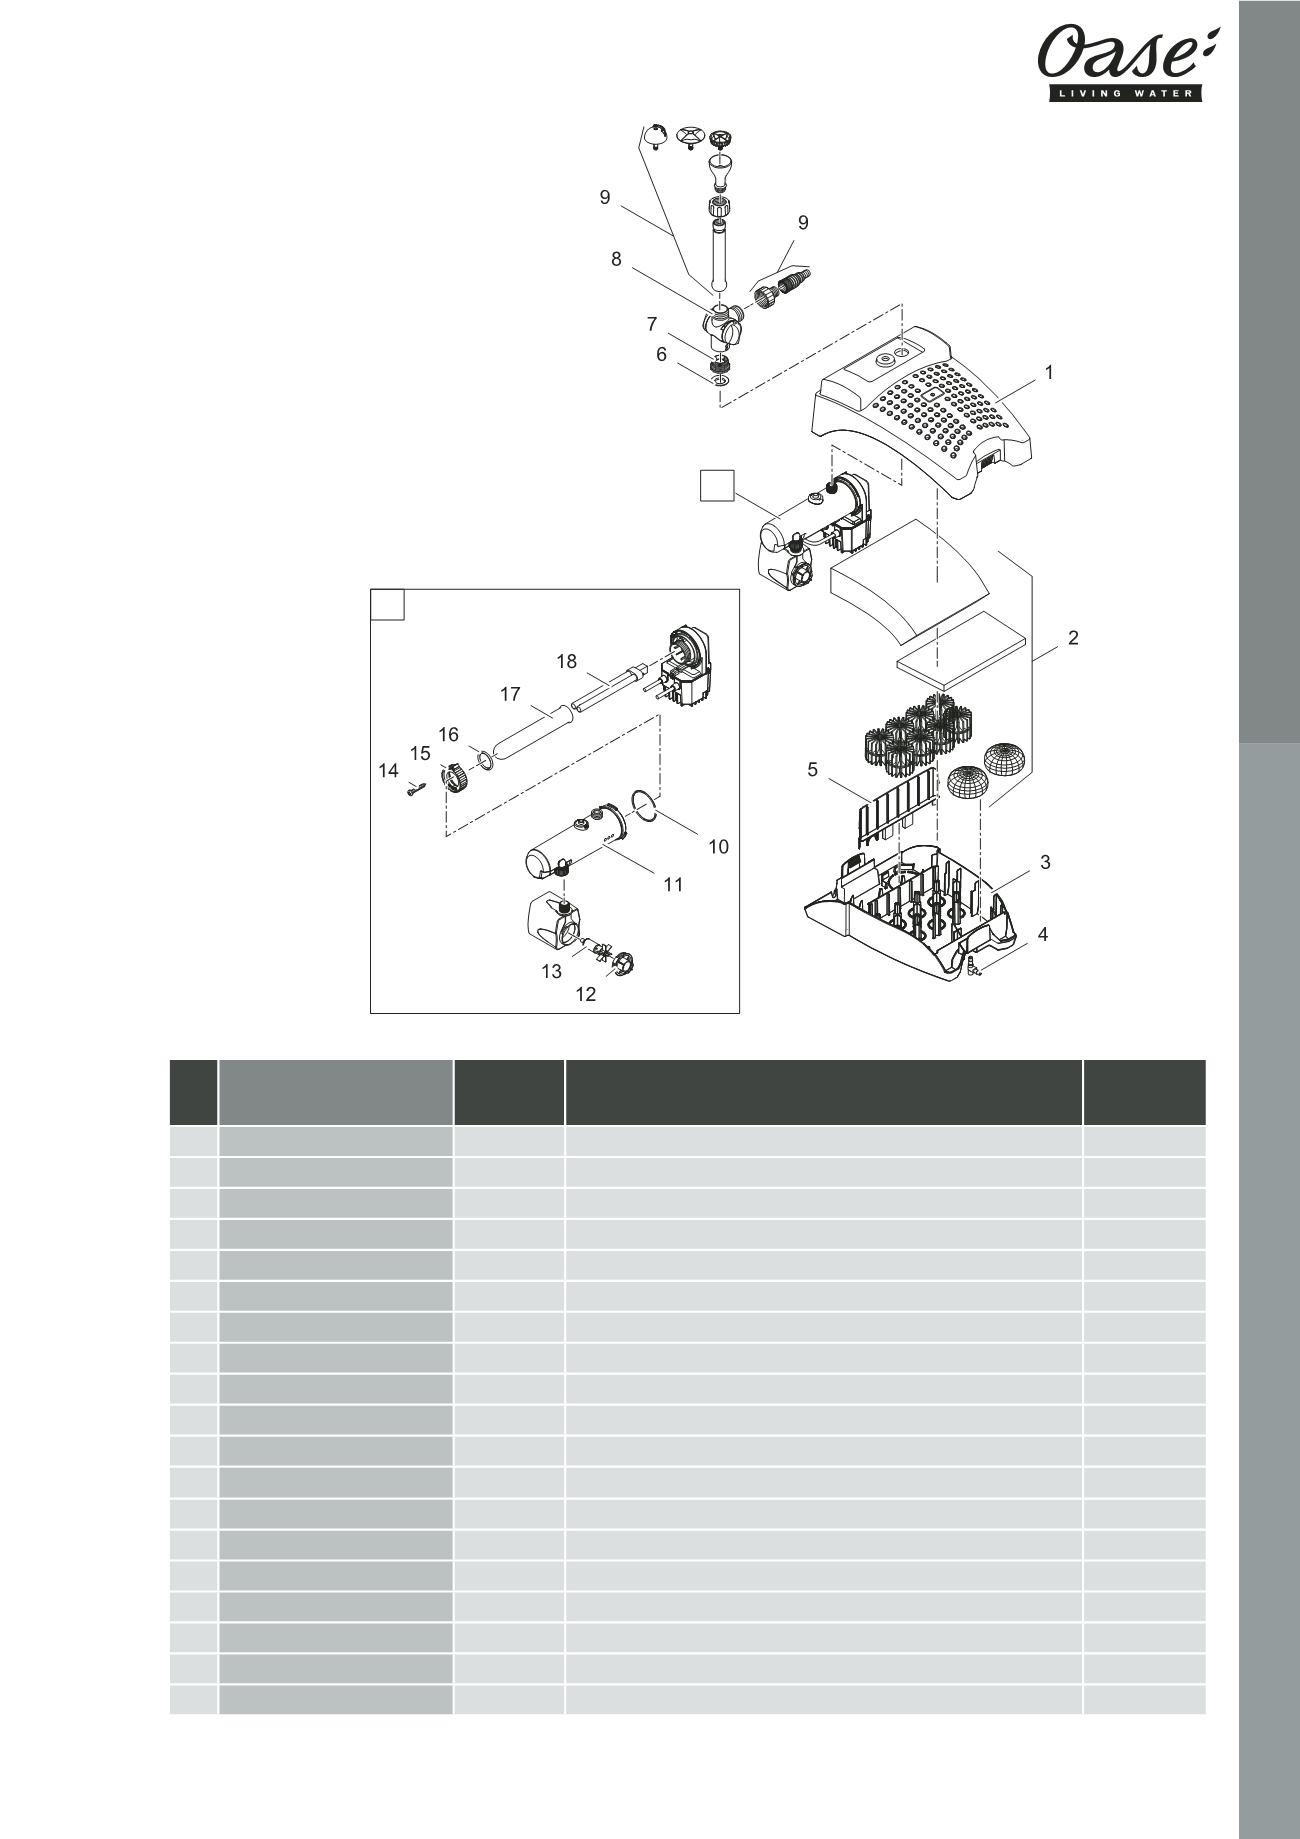 e1d2ca51926611 OASE   Catalogue Pièces Détachées 2016 - page 65